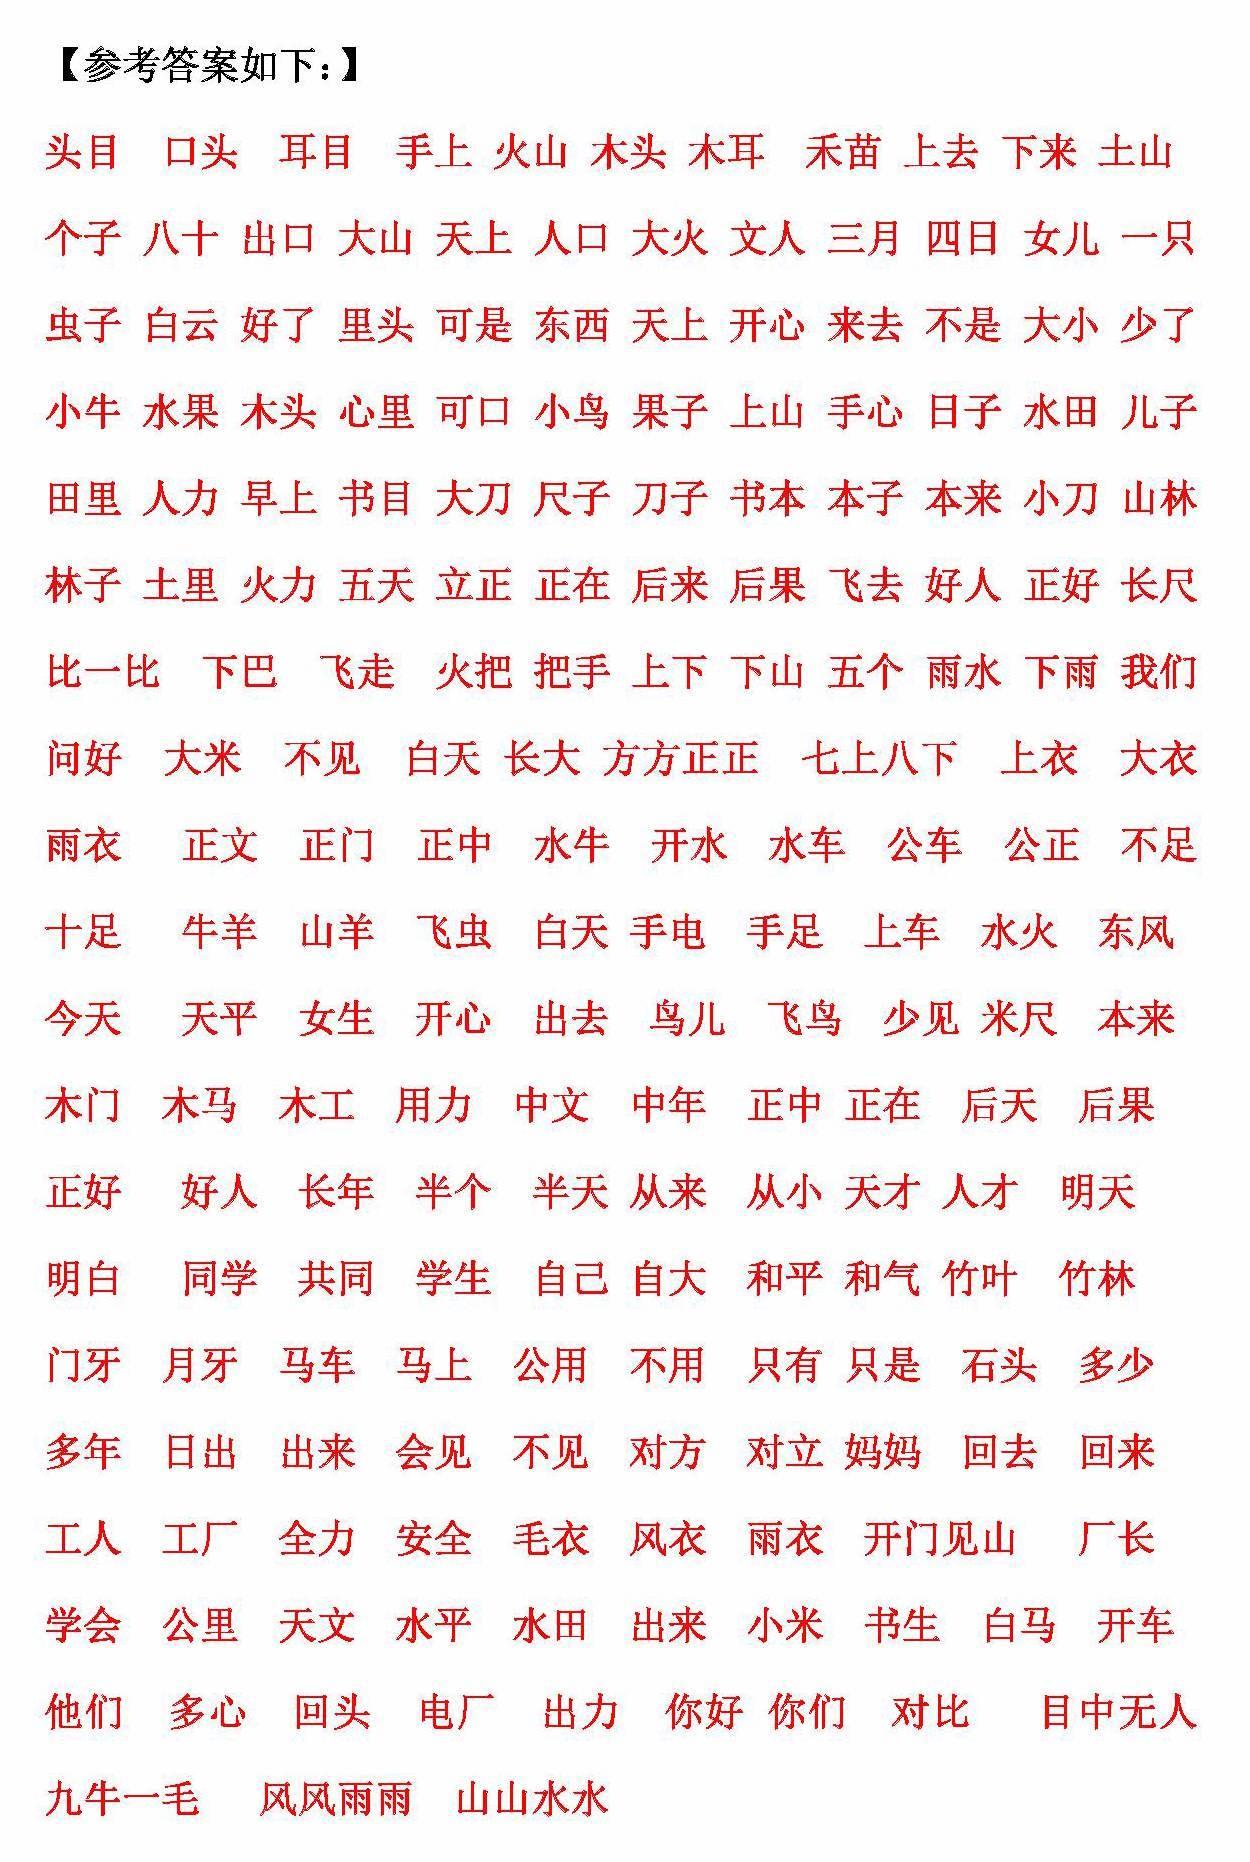 部编版一年级语文上册生字数笔画 课文填空 看拼音写汉字测试题